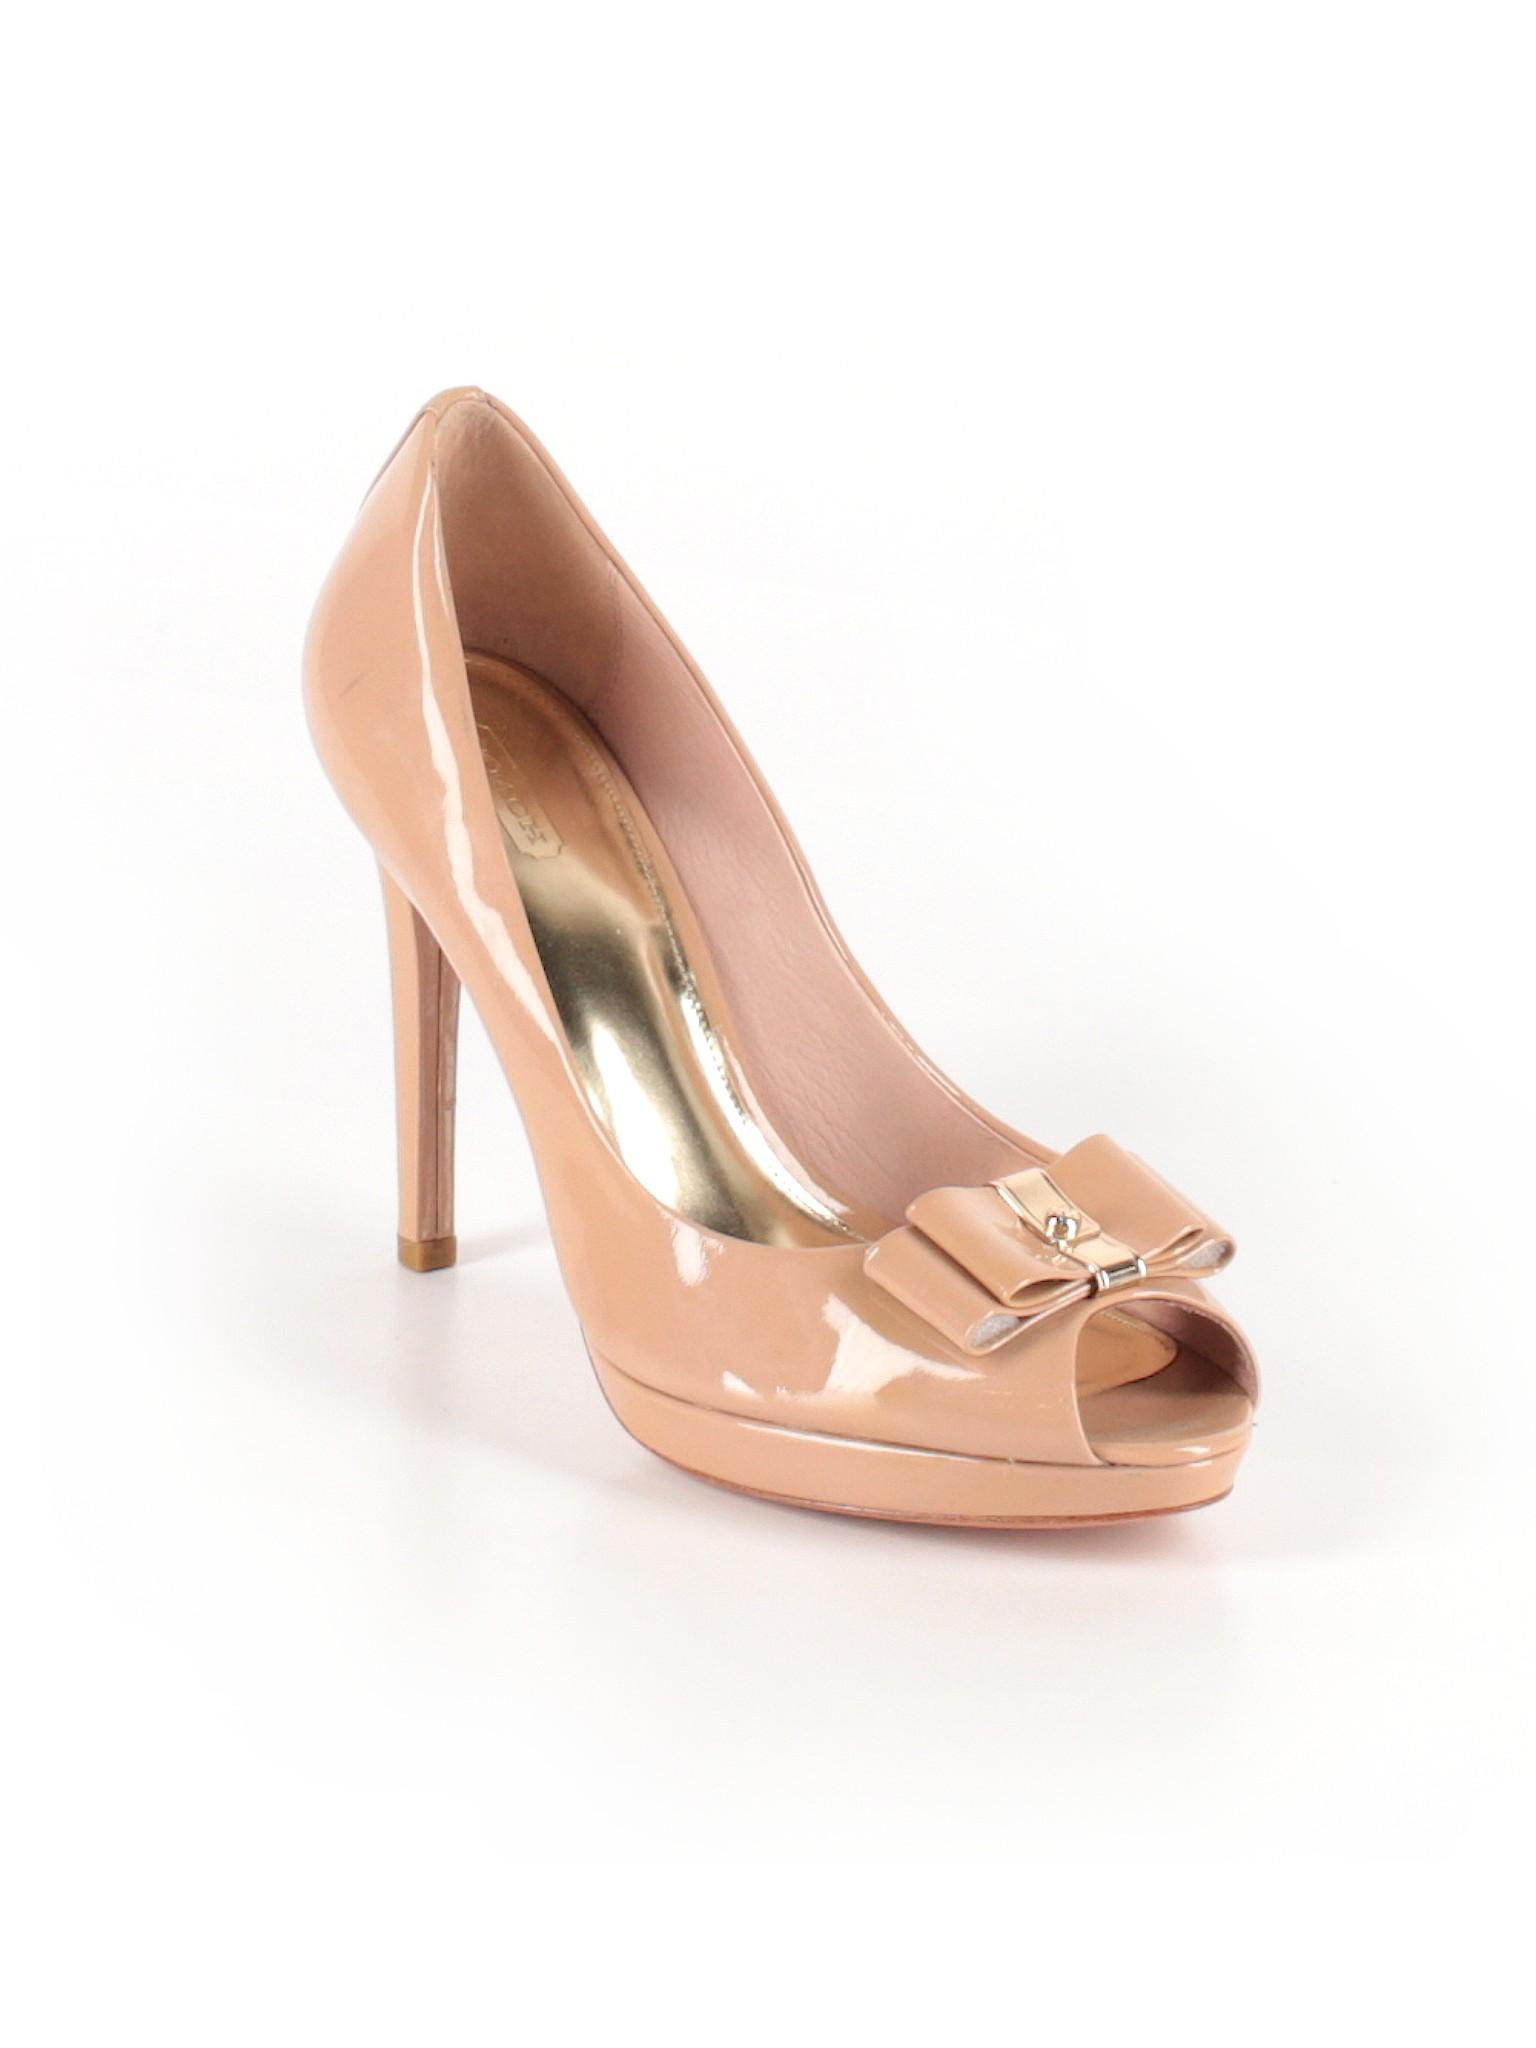 Boutique Boutique promotion Heels Heels Coach Heels promotion Coach promotion Coach Boutique qnPf4r0Tq